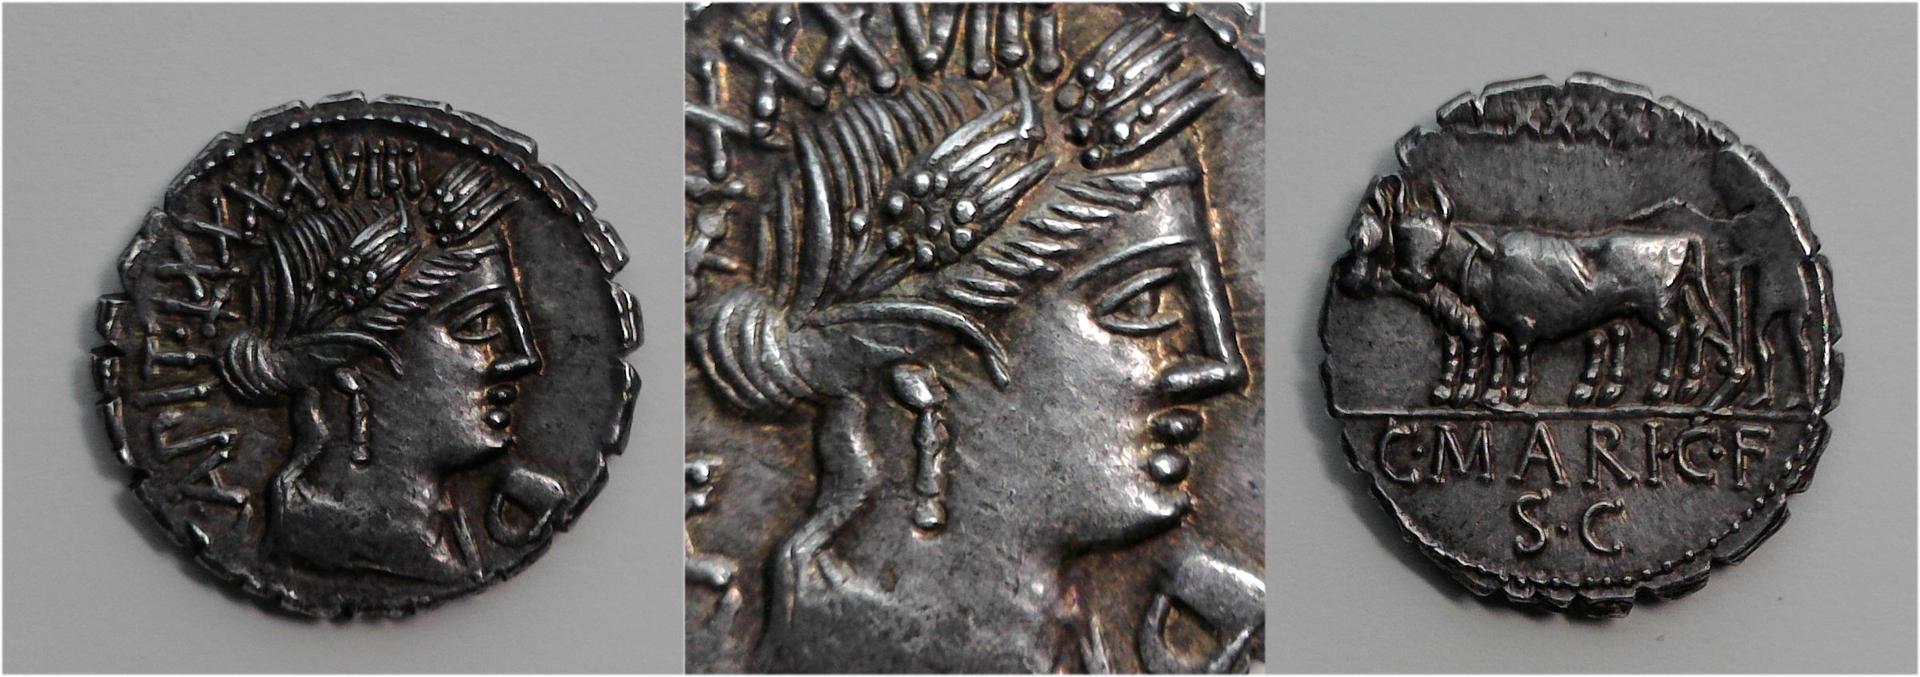 C. Marius C. f. Capito, 81 BC, C.378/1c